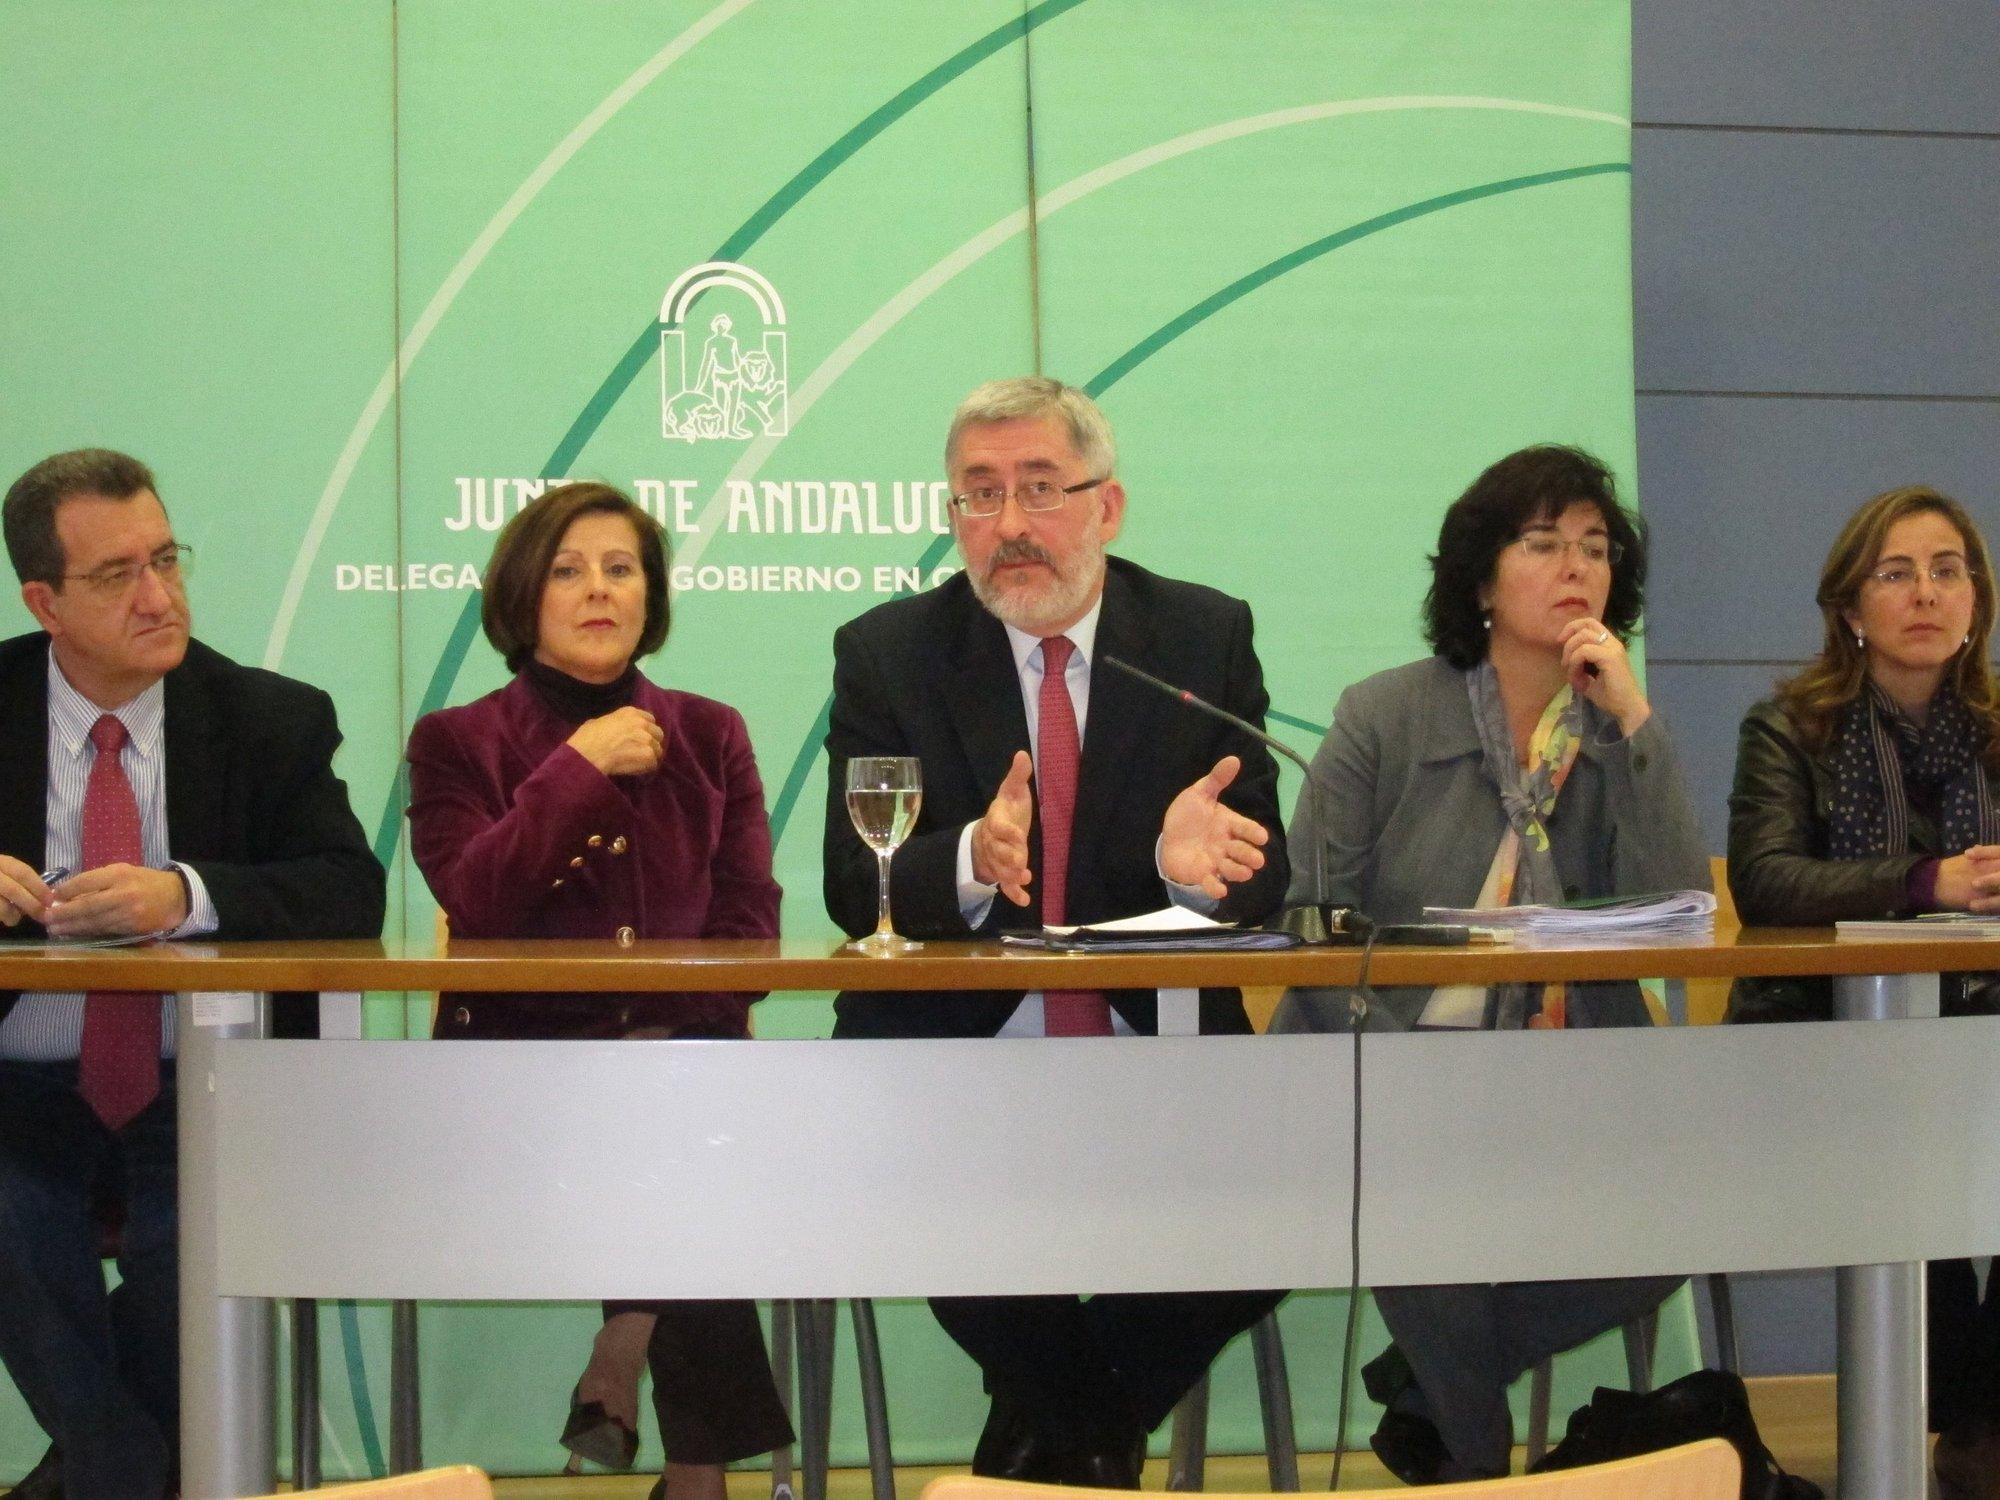 Un total de 43 municipios se repartirán los 1.194 Megavatios eólicos priorizados por la Junta